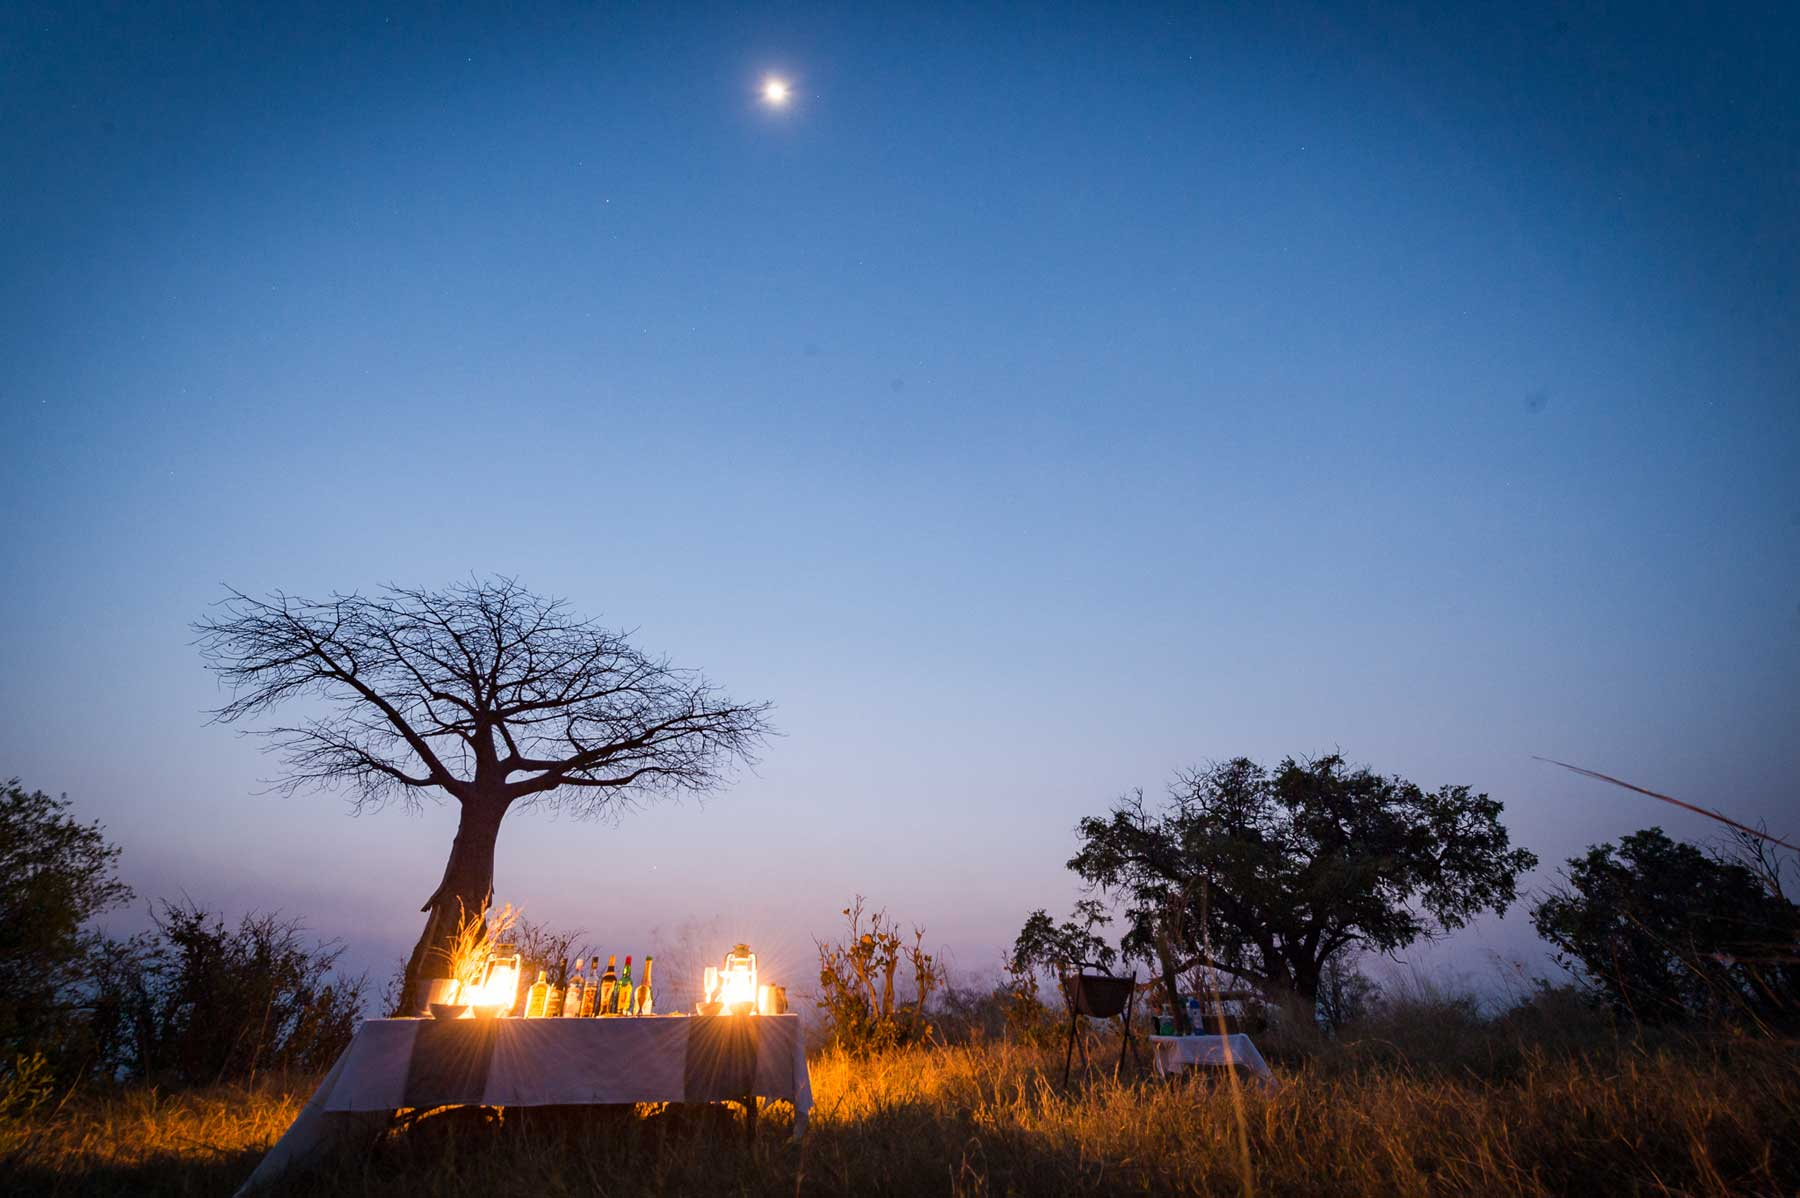 Baobab Motswiri : Image by Em Gatland